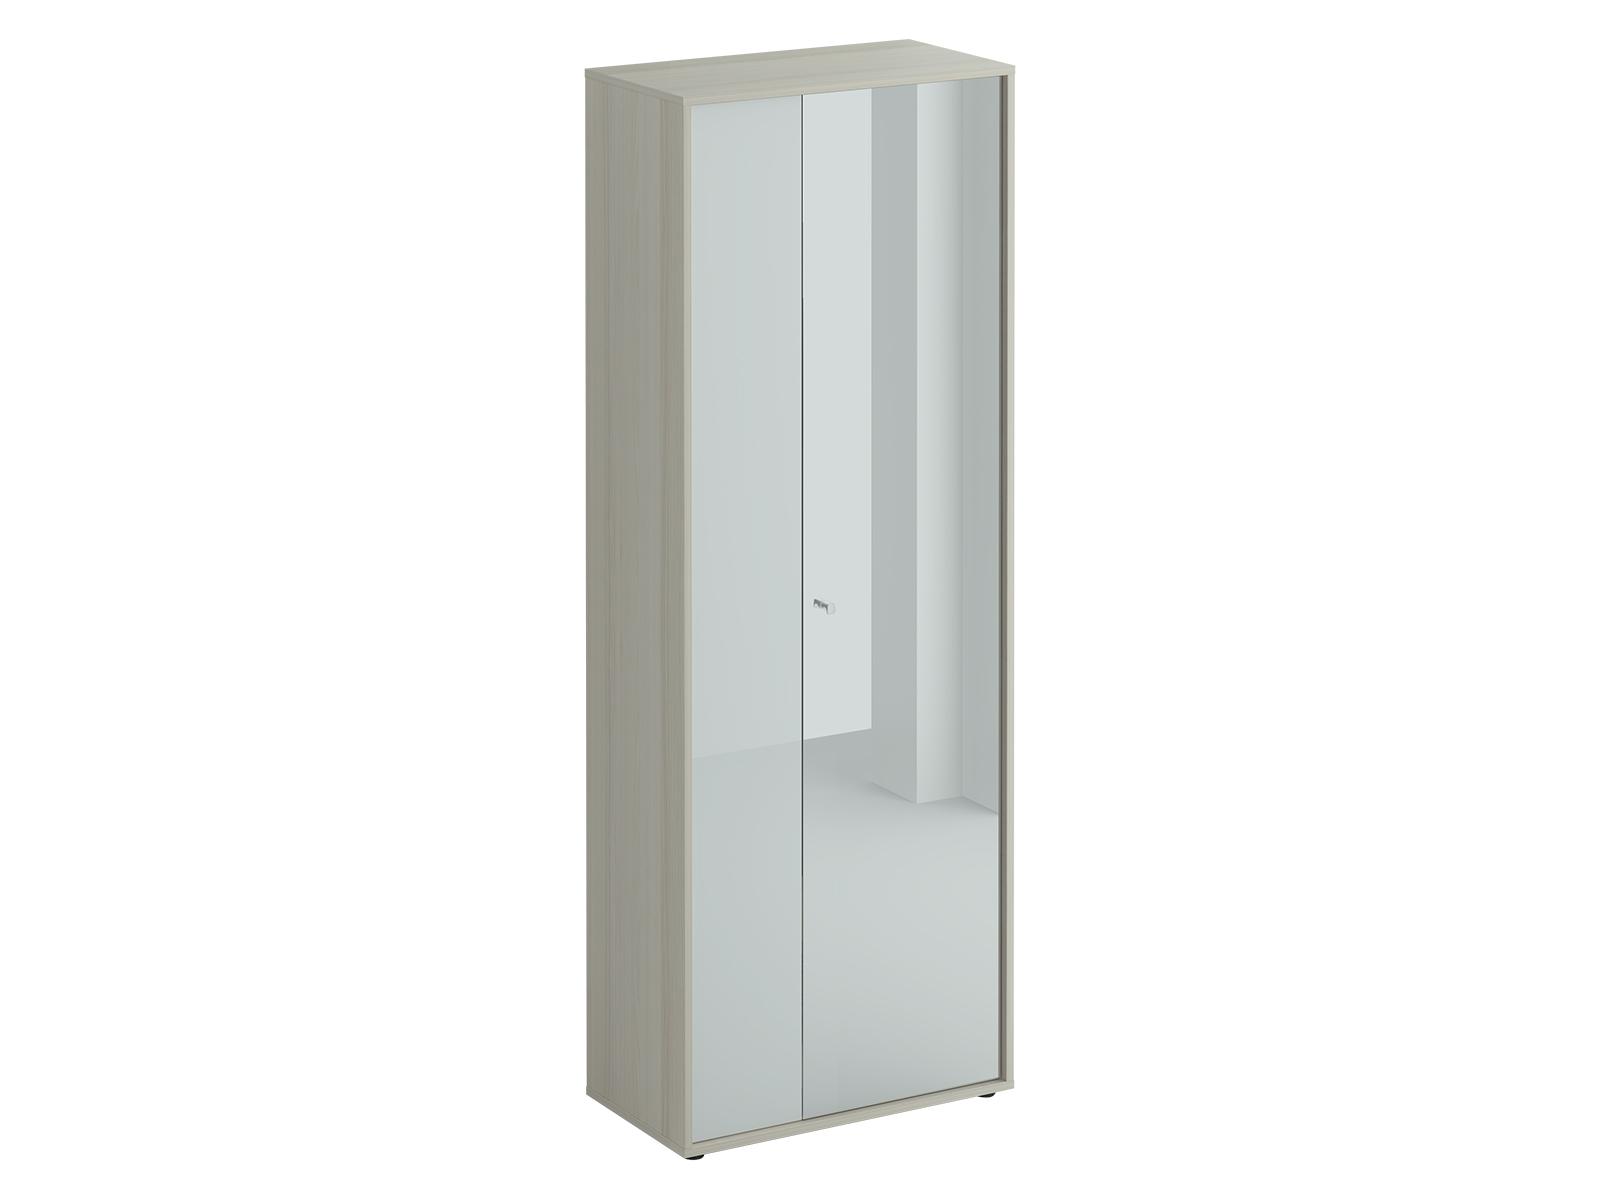 Шкаф двухдверный LatteПлатяные шкафы<br>Шкаф двухстворчатый. Наполнение шкафа: выдвижная штанга для одежды и две полки. Узкая дверь декорирована окрашенным стеклом, на широкую дверь – наклеено зеркало. Двери можно менять местами. Шкаф крепится к стене.<br><br>Material: ДСП<br>Ширина см: 70<br>Высота см: 191<br>Глубина см: 37